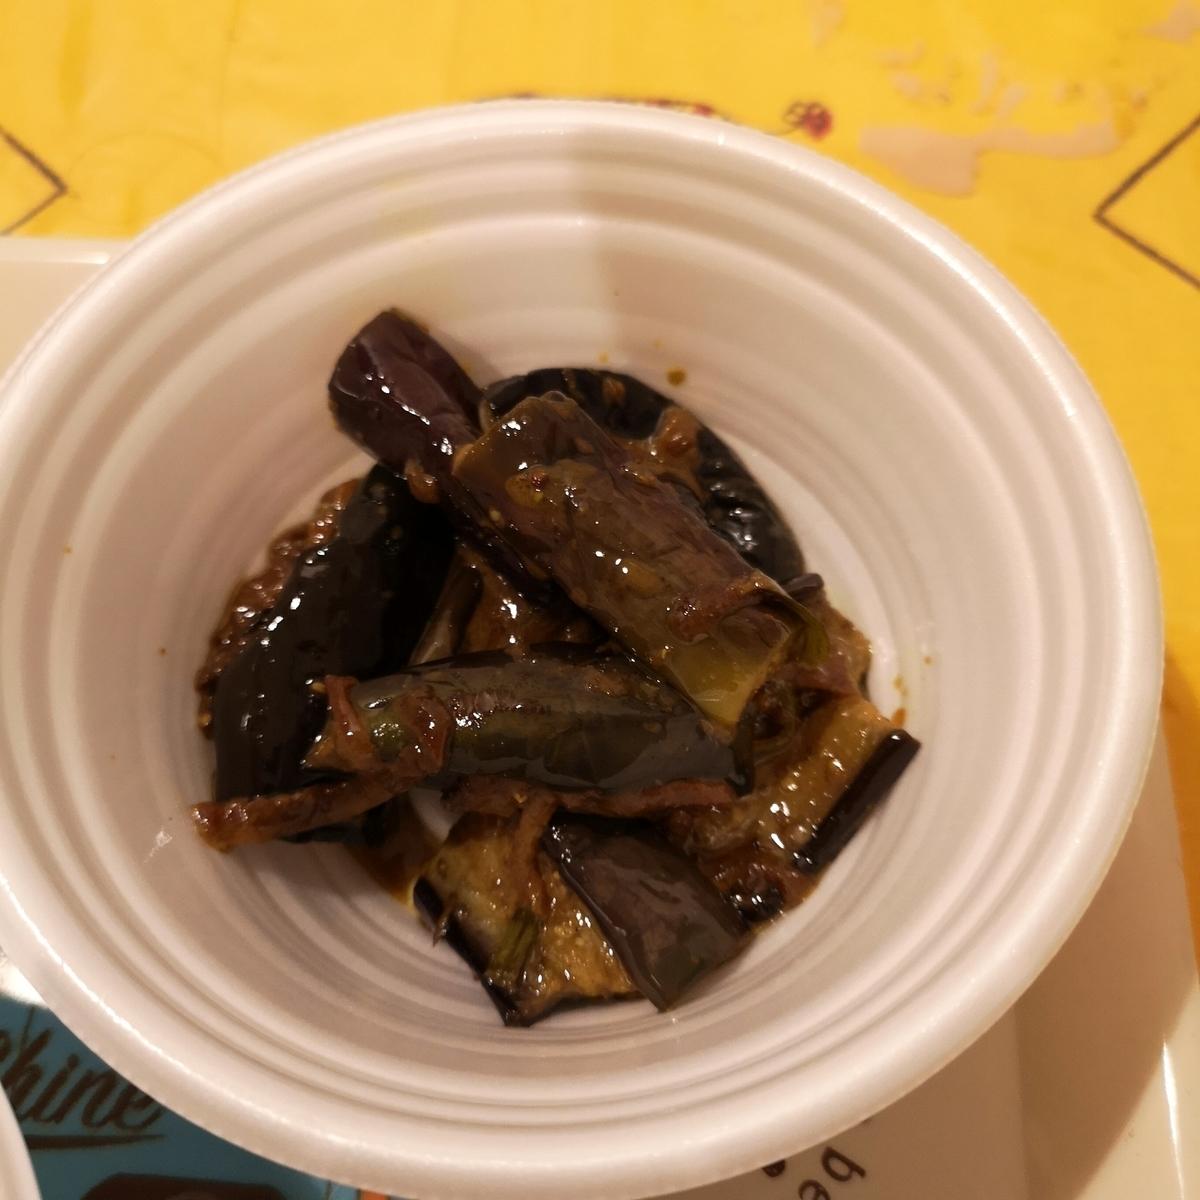 カレー事情聴取スパイス定食&バルVol.7 2019年10月18日 ナーガカリー 秋茄子スパイスビネガー和え